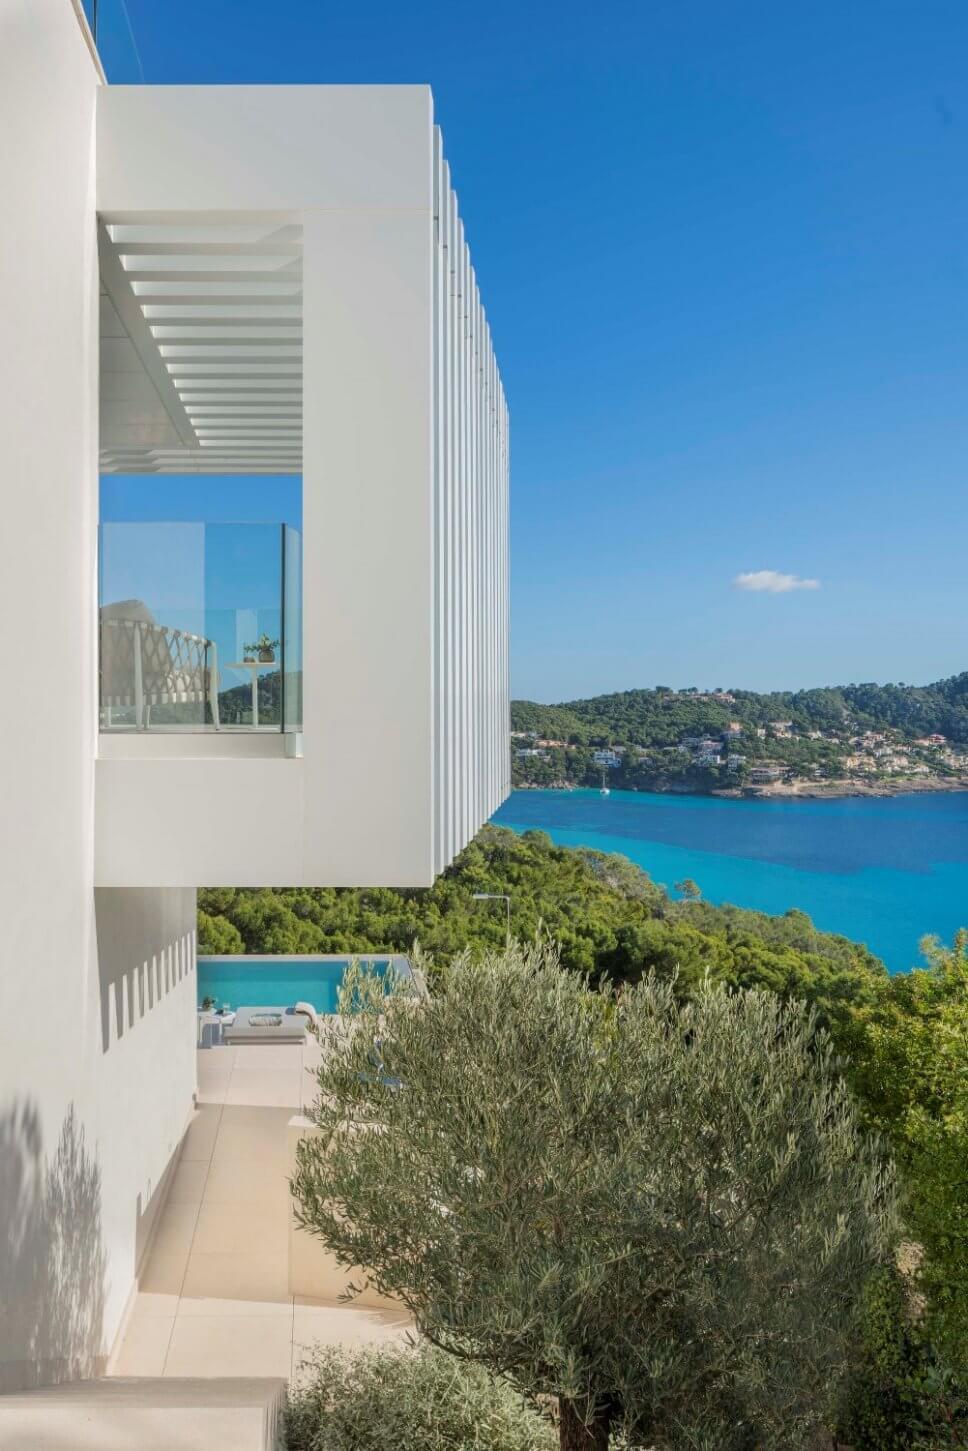 Moderne Architektur mit Blick aufs Meer